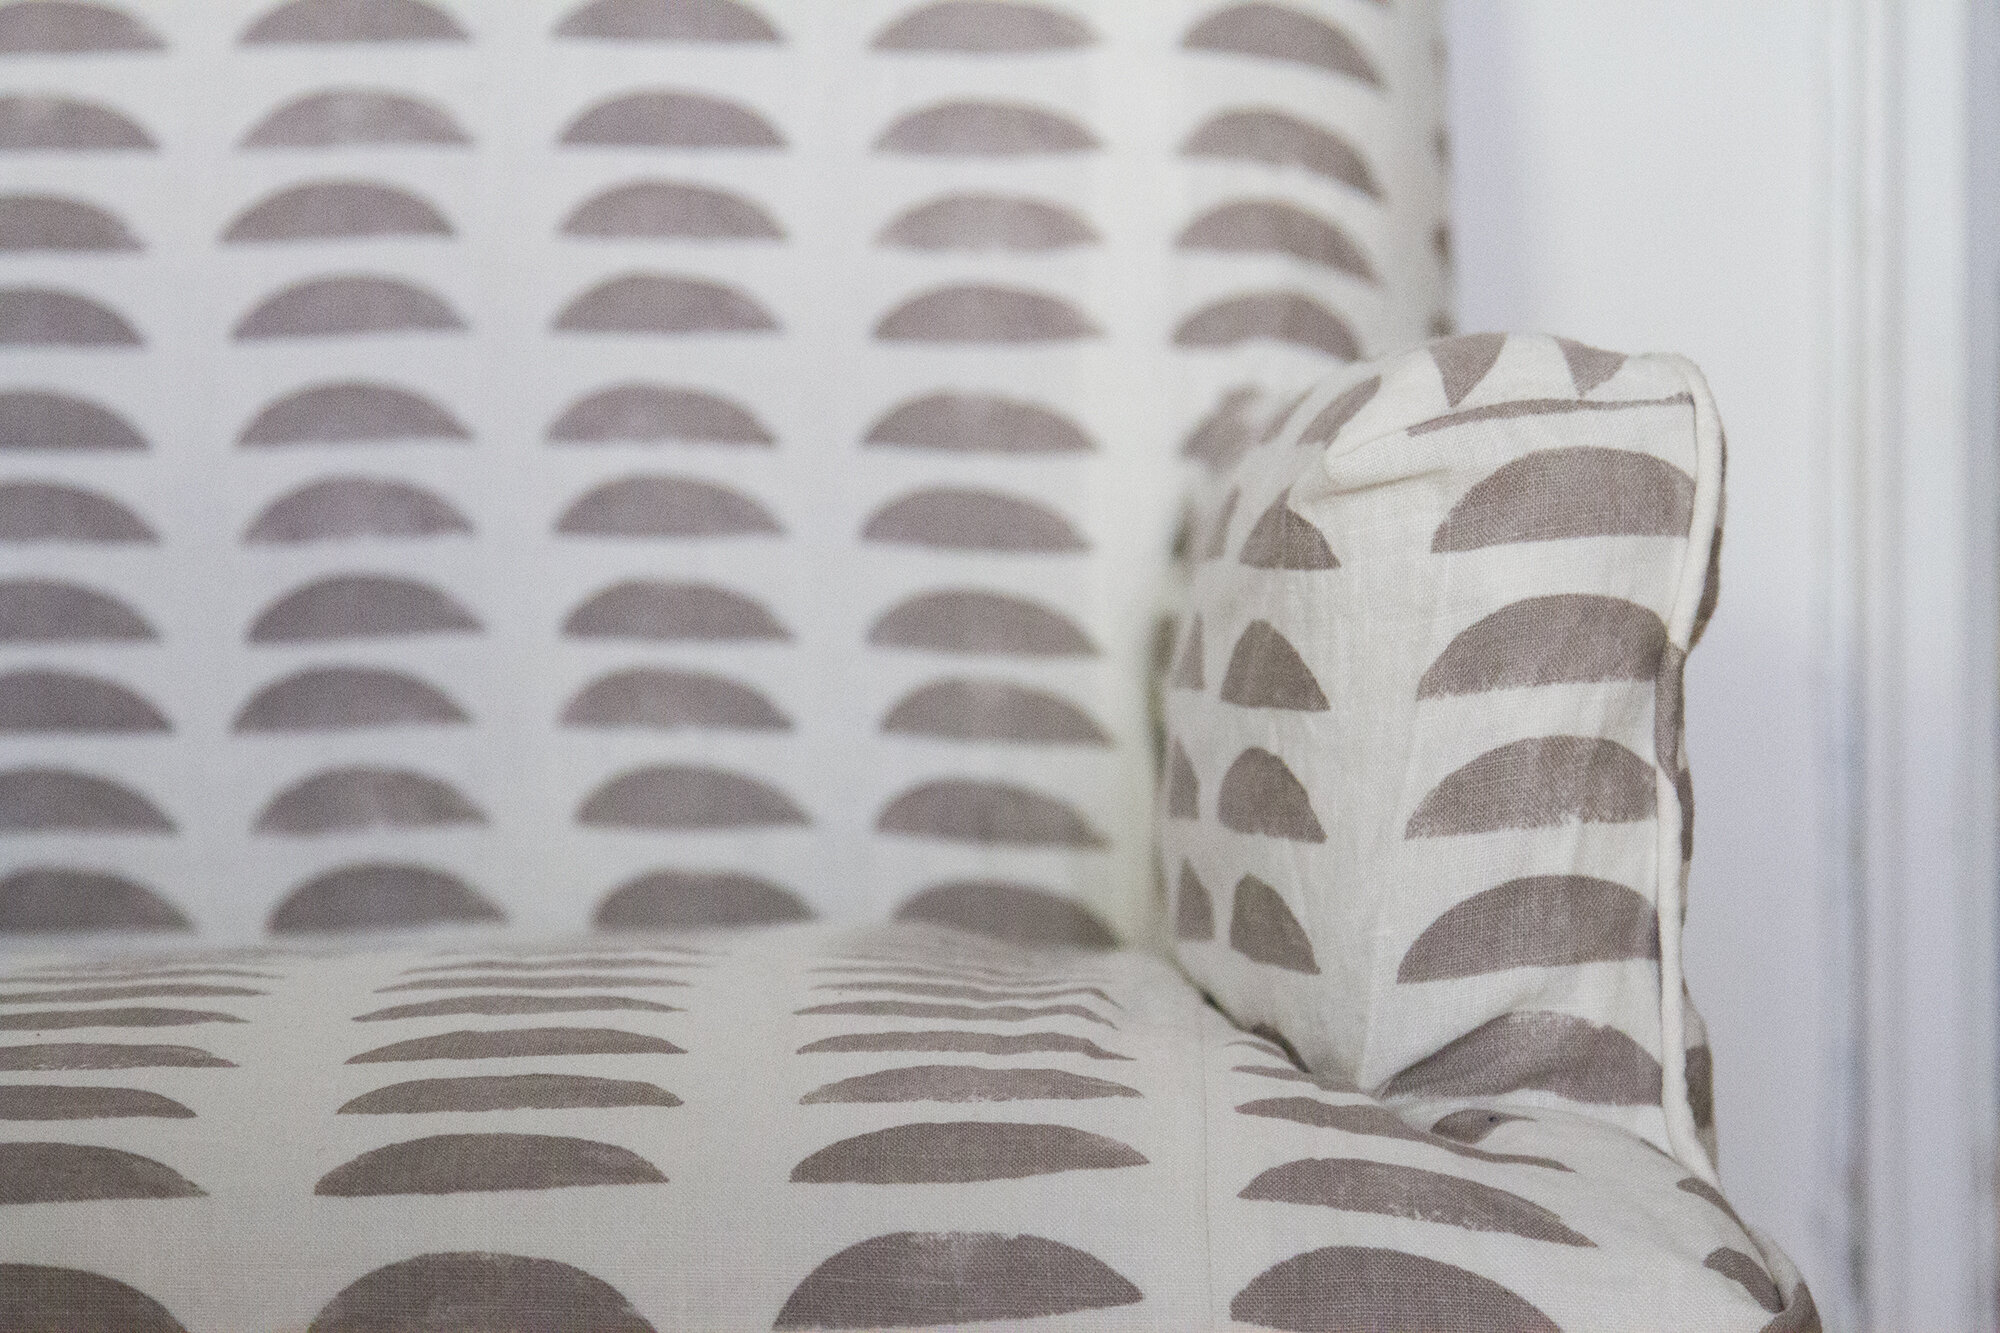 slipcover | reading my tea leaves